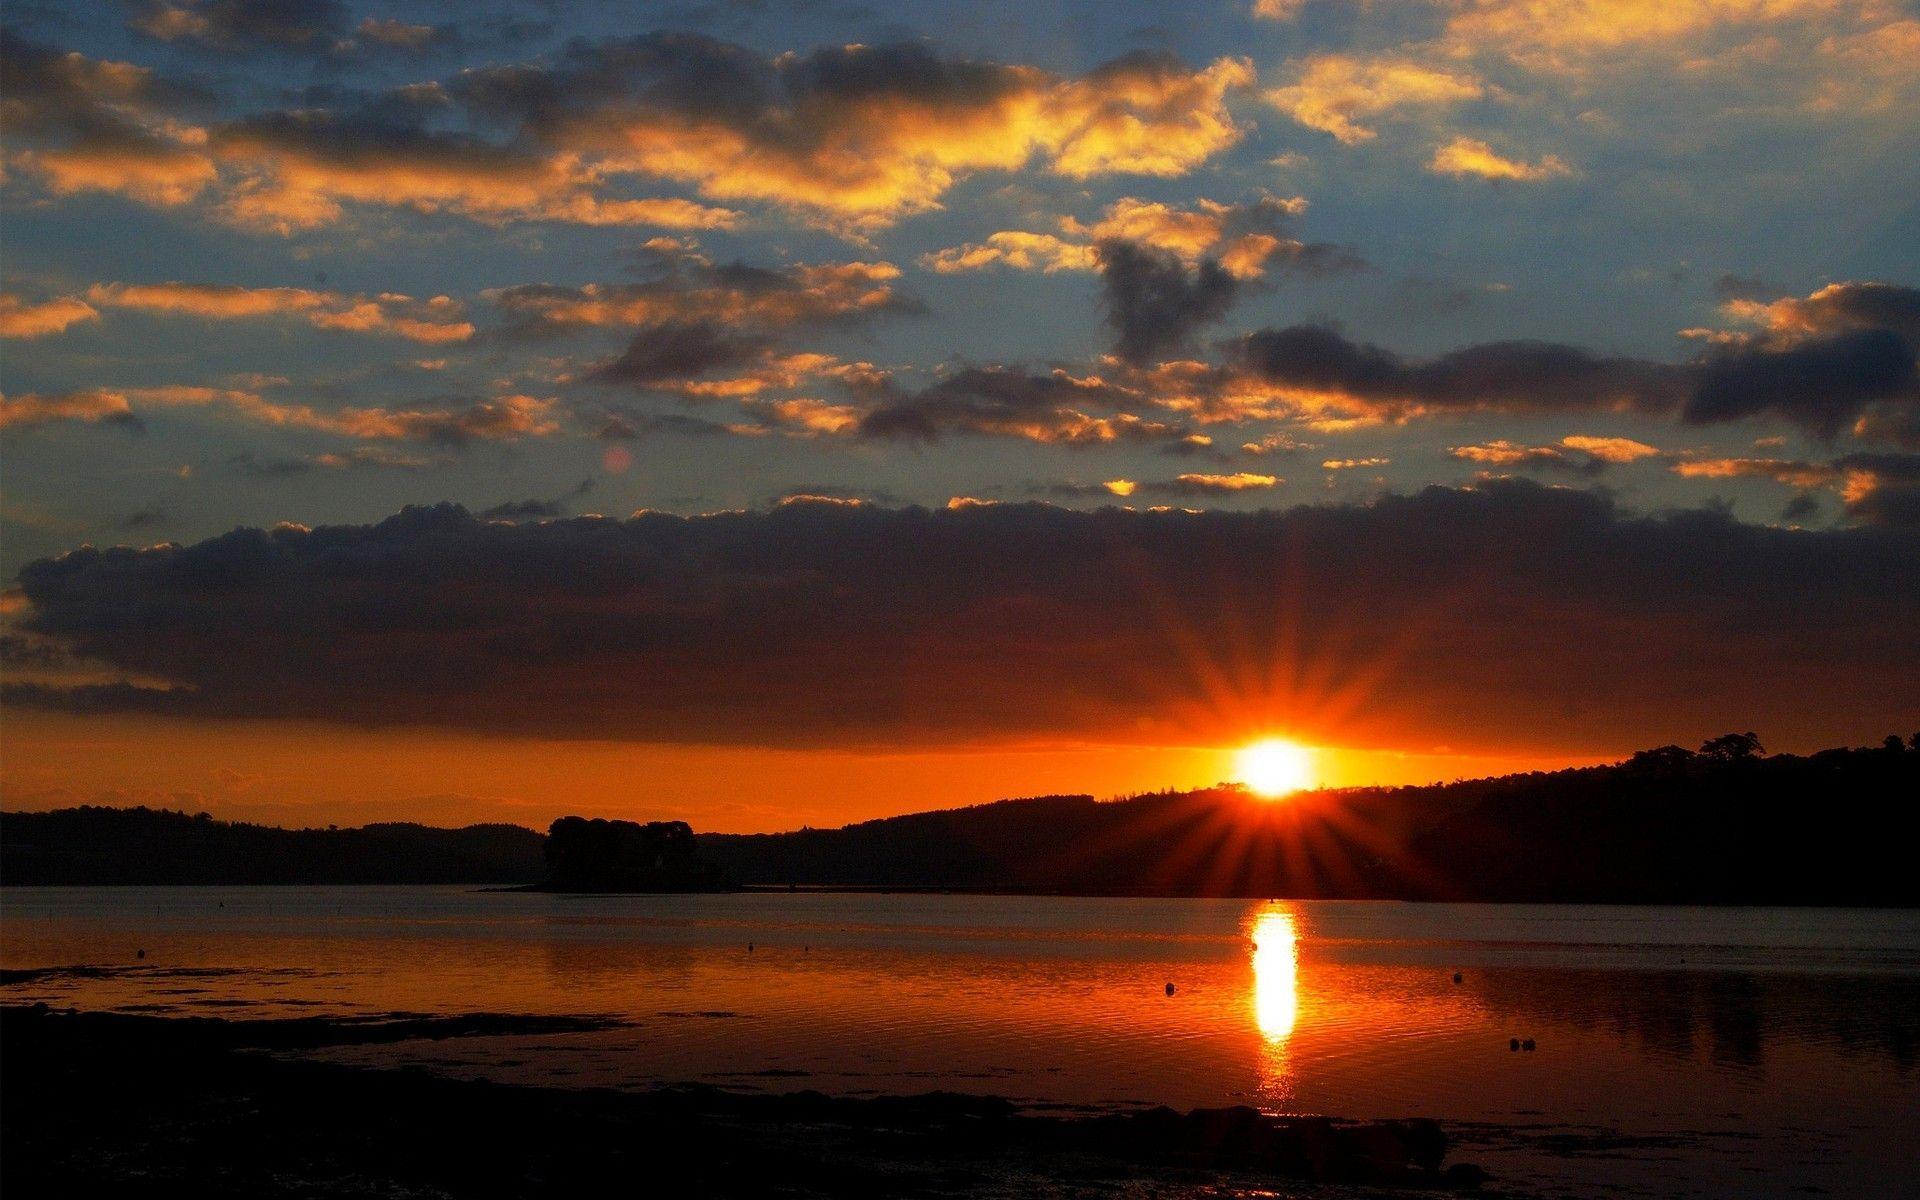 1920x1200 Hoàng hôn: Mặt trời mọc Bầu trời Mặt trời Buổi sáng Mặt trời Những đám mây Mặt trời lặn Sông Hoàng hôn